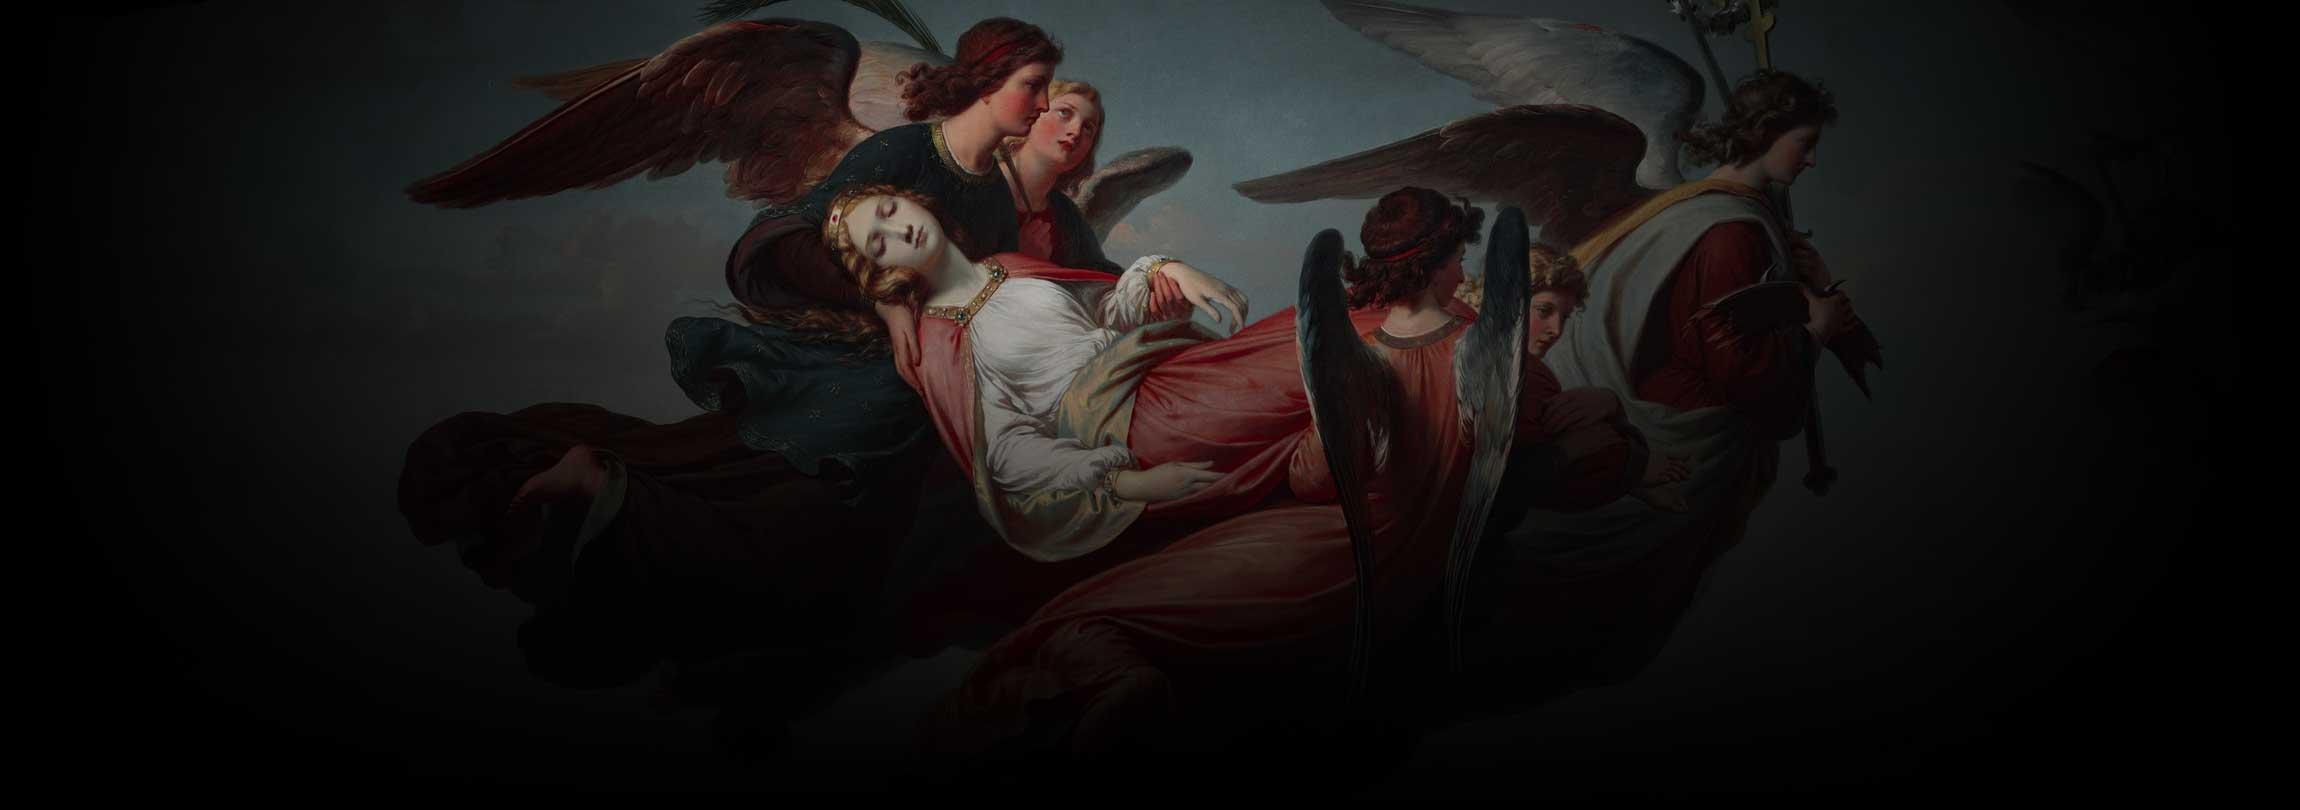 Anjos e Demônios: perguntas e respostas